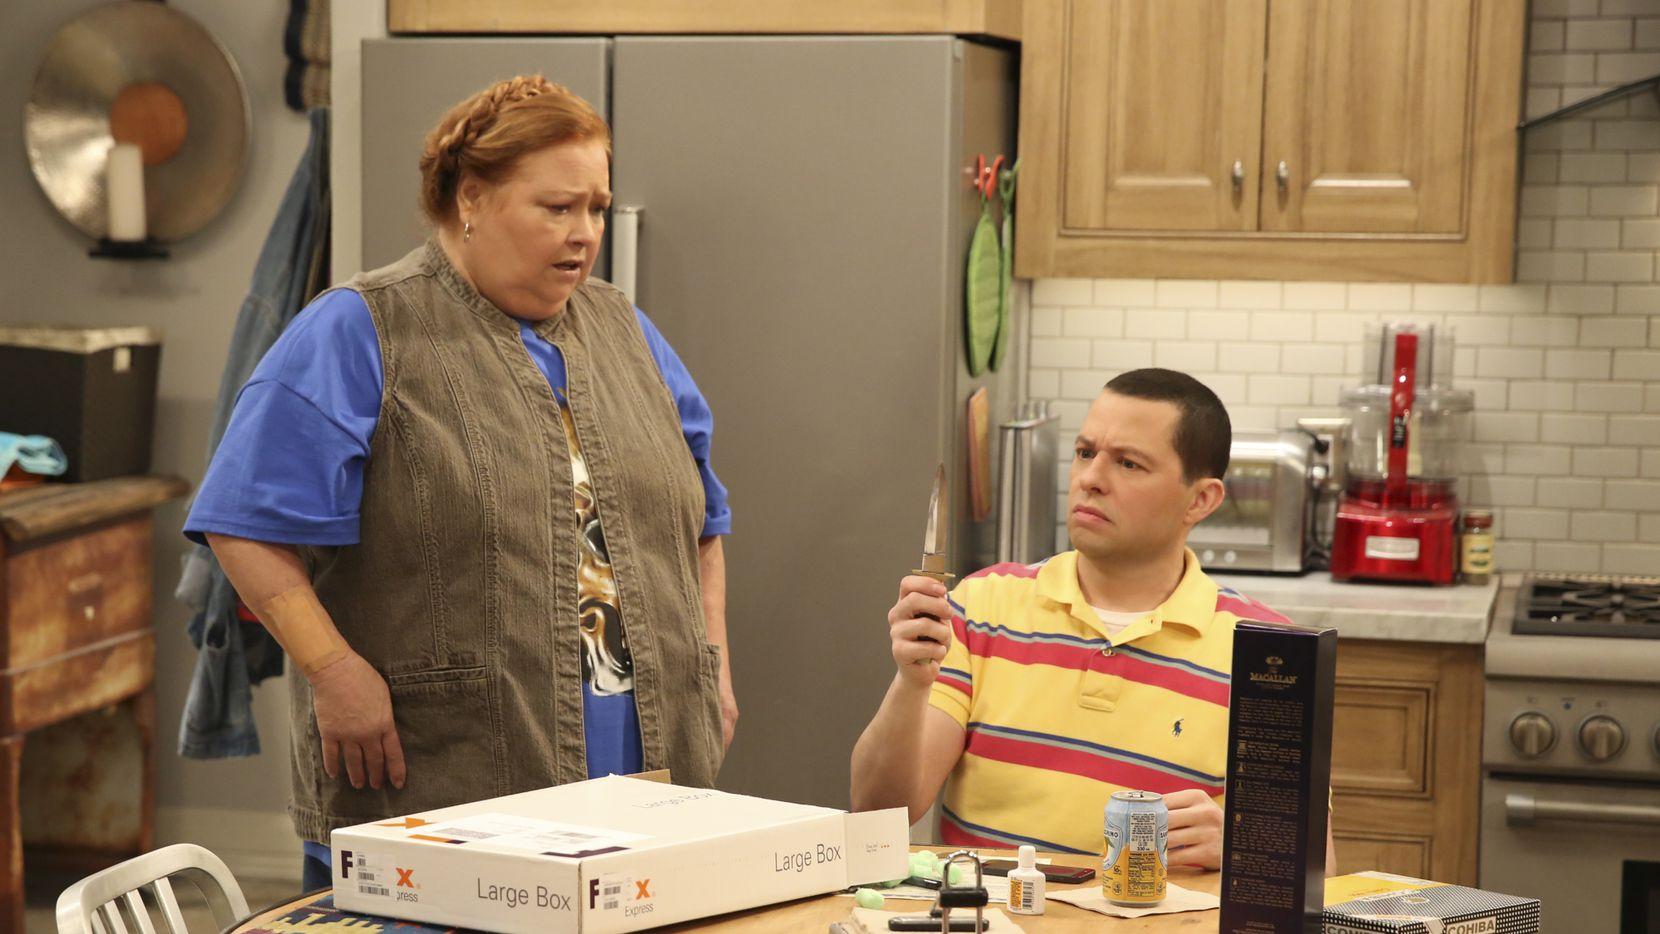 Imagen del final de Two and a Half Men por CBS, donde se ve a Conchata Ferrell junto a Jon Cryer.